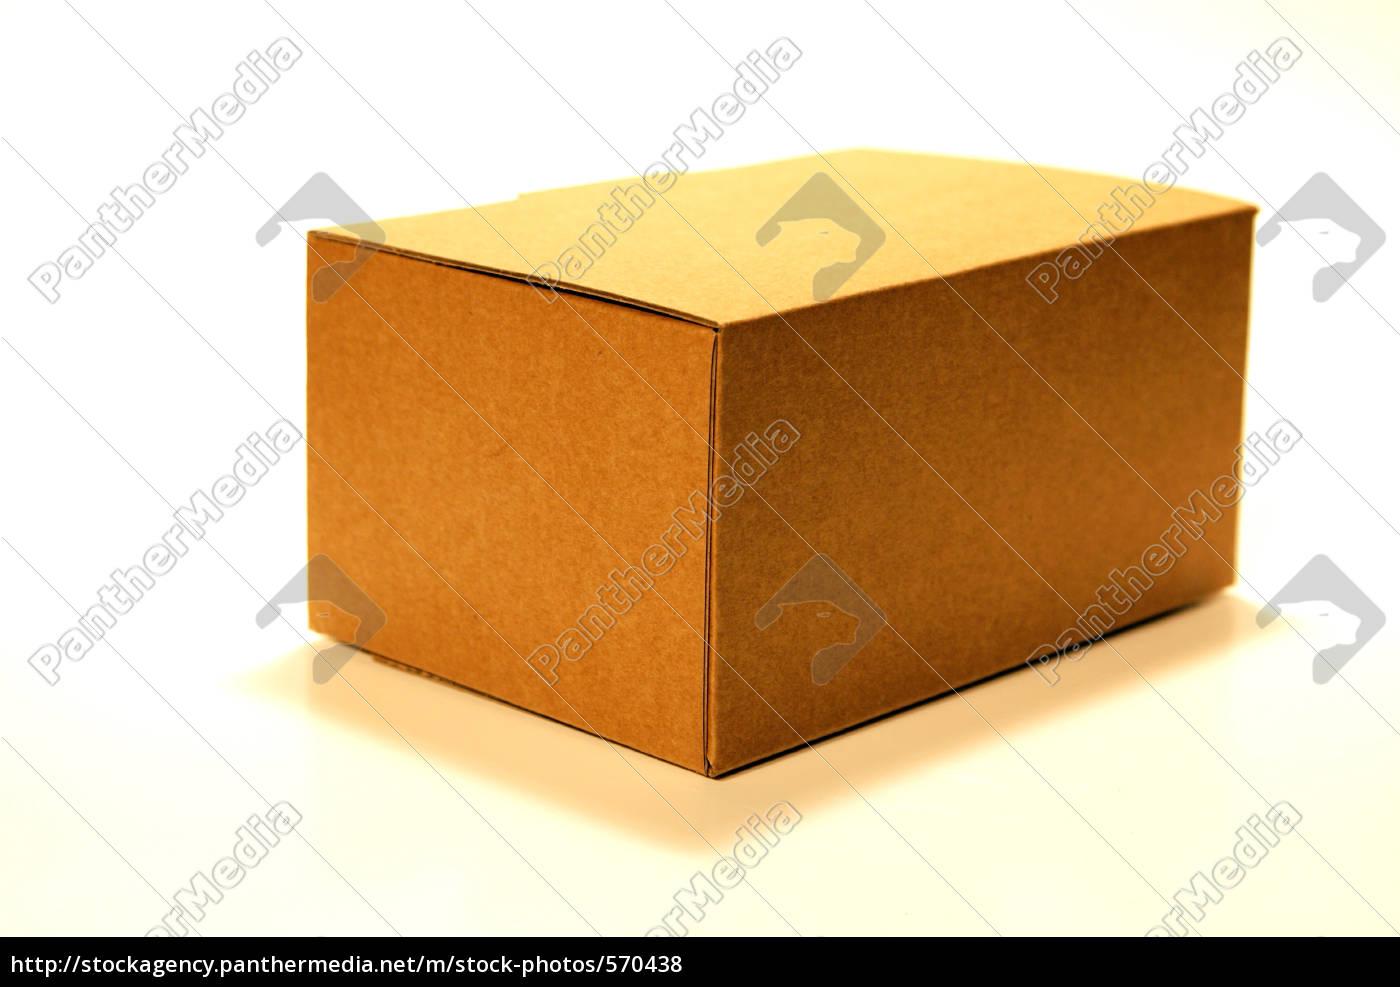 carton - 570438